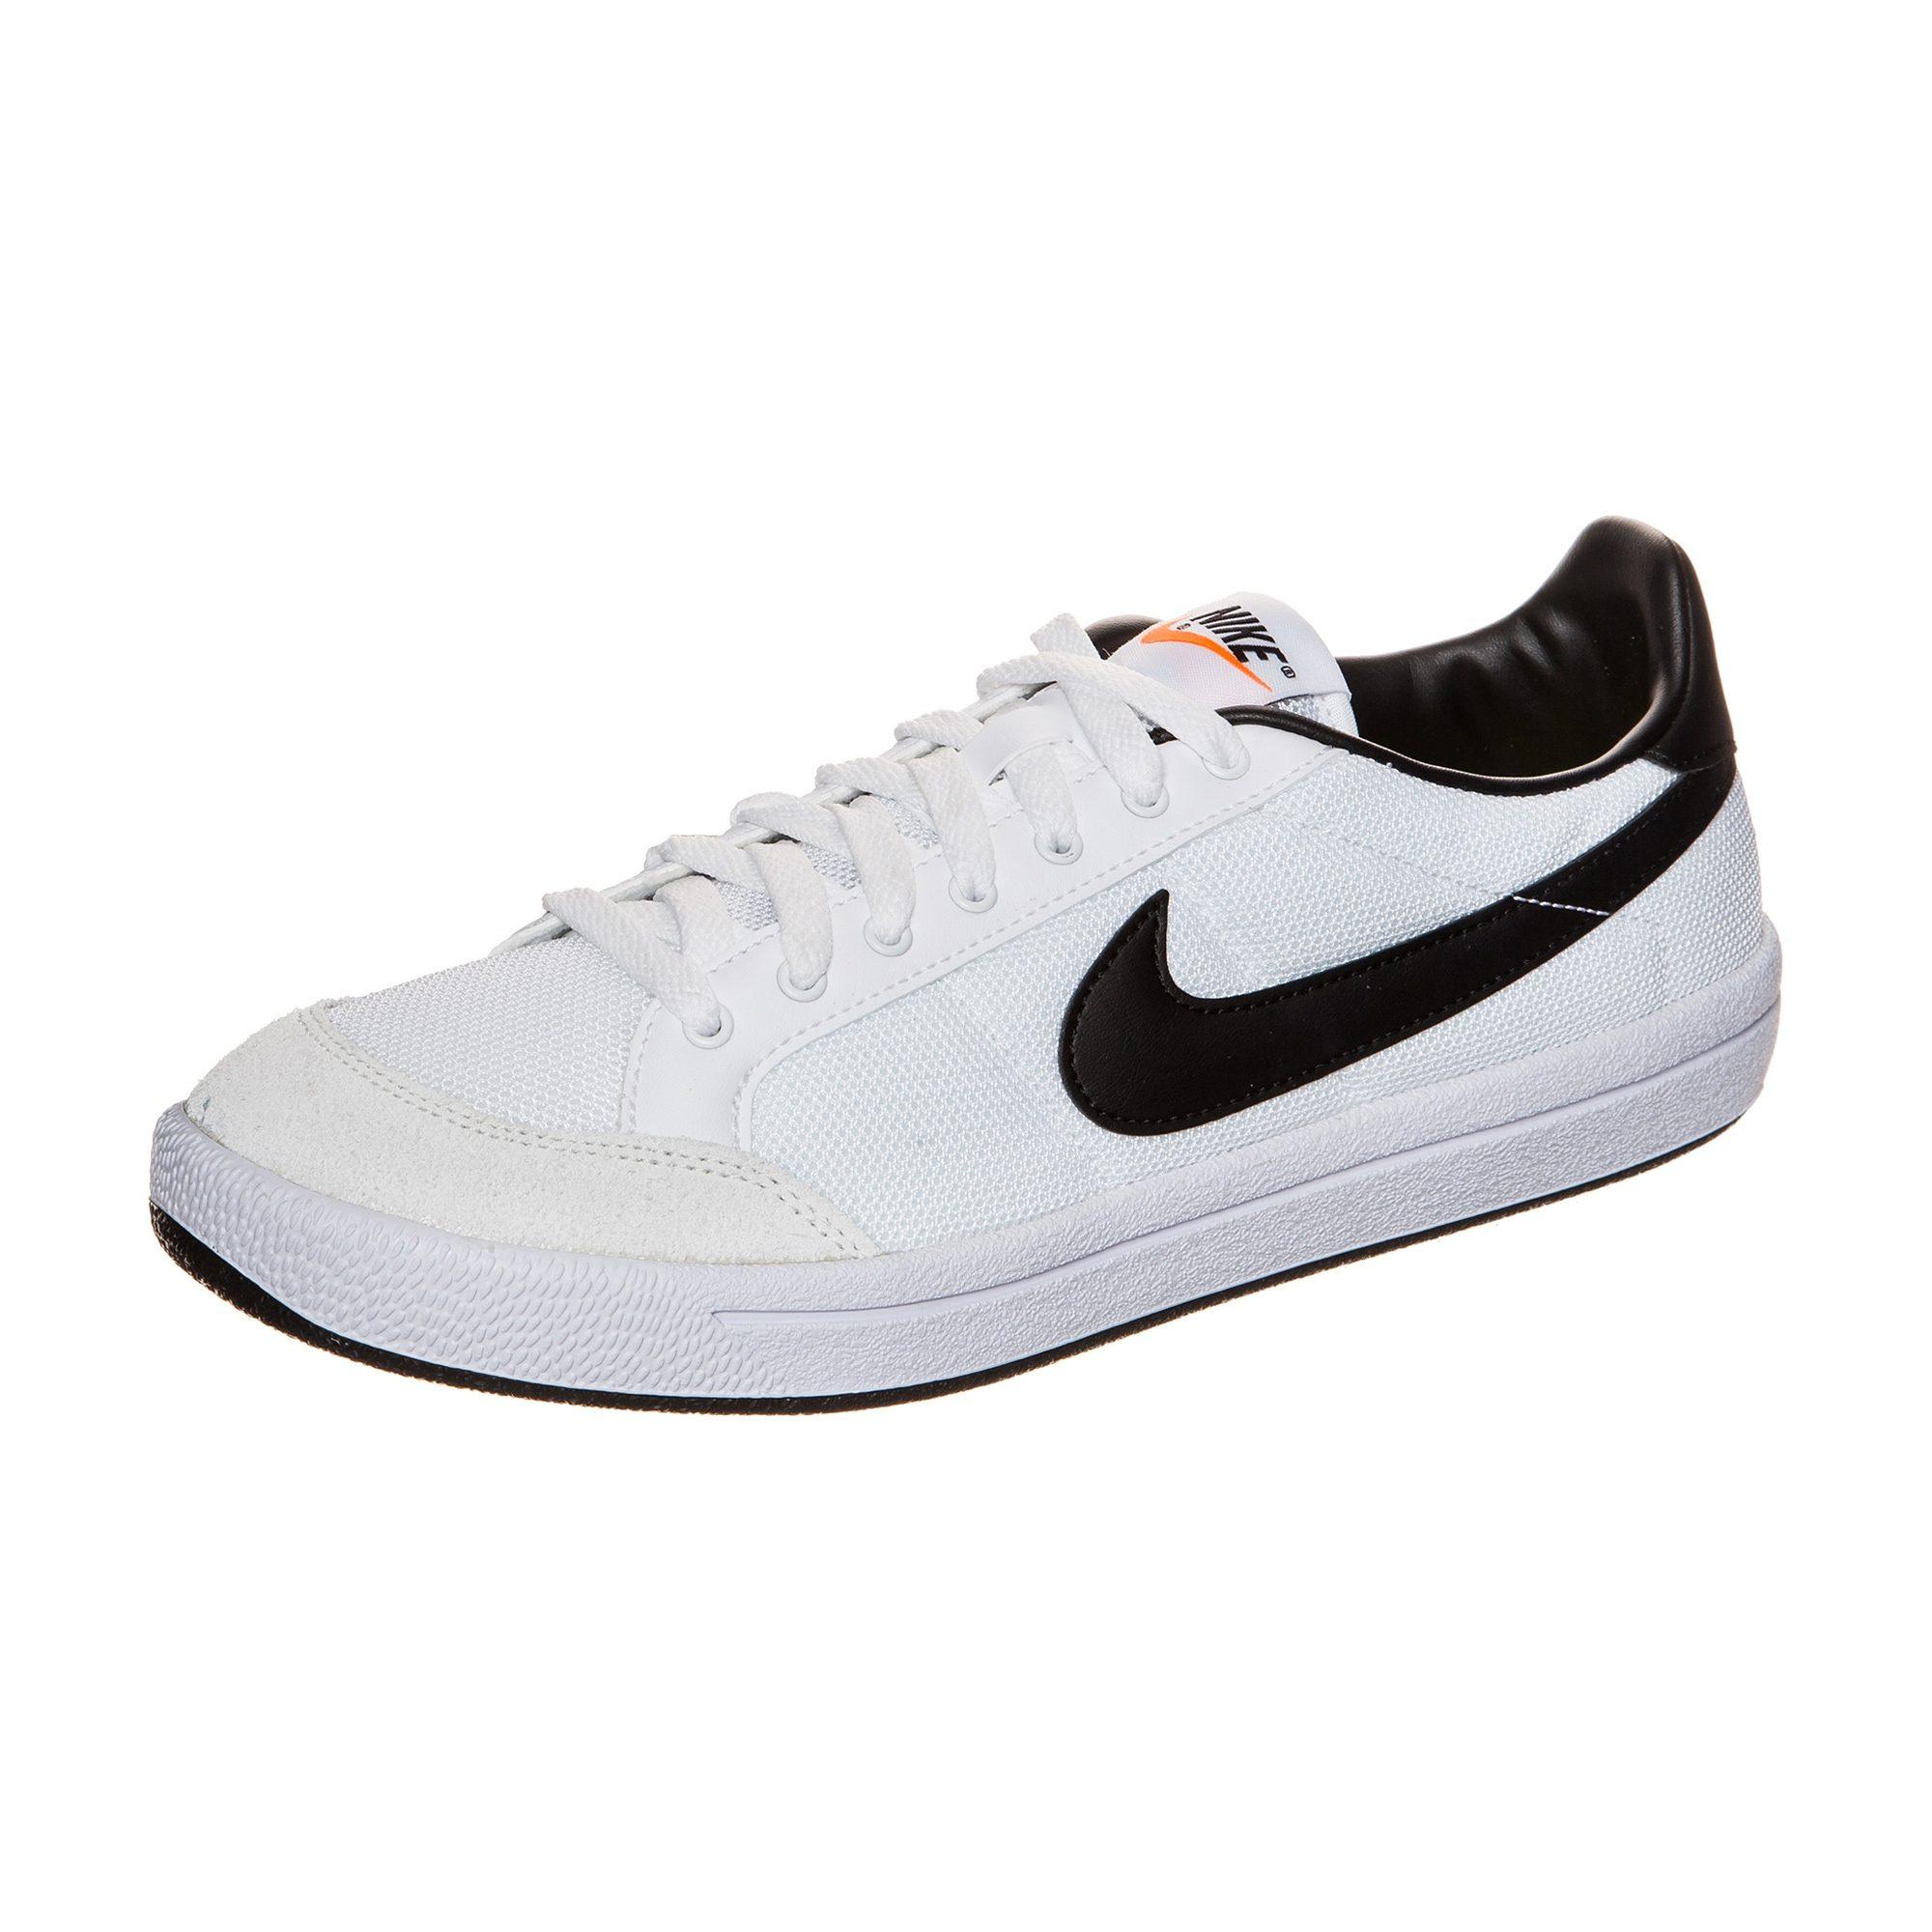 Nike Sportswear Meadow 16 TXT Sneaker Damen kaufen  weiß #ft5_slash# schwarz